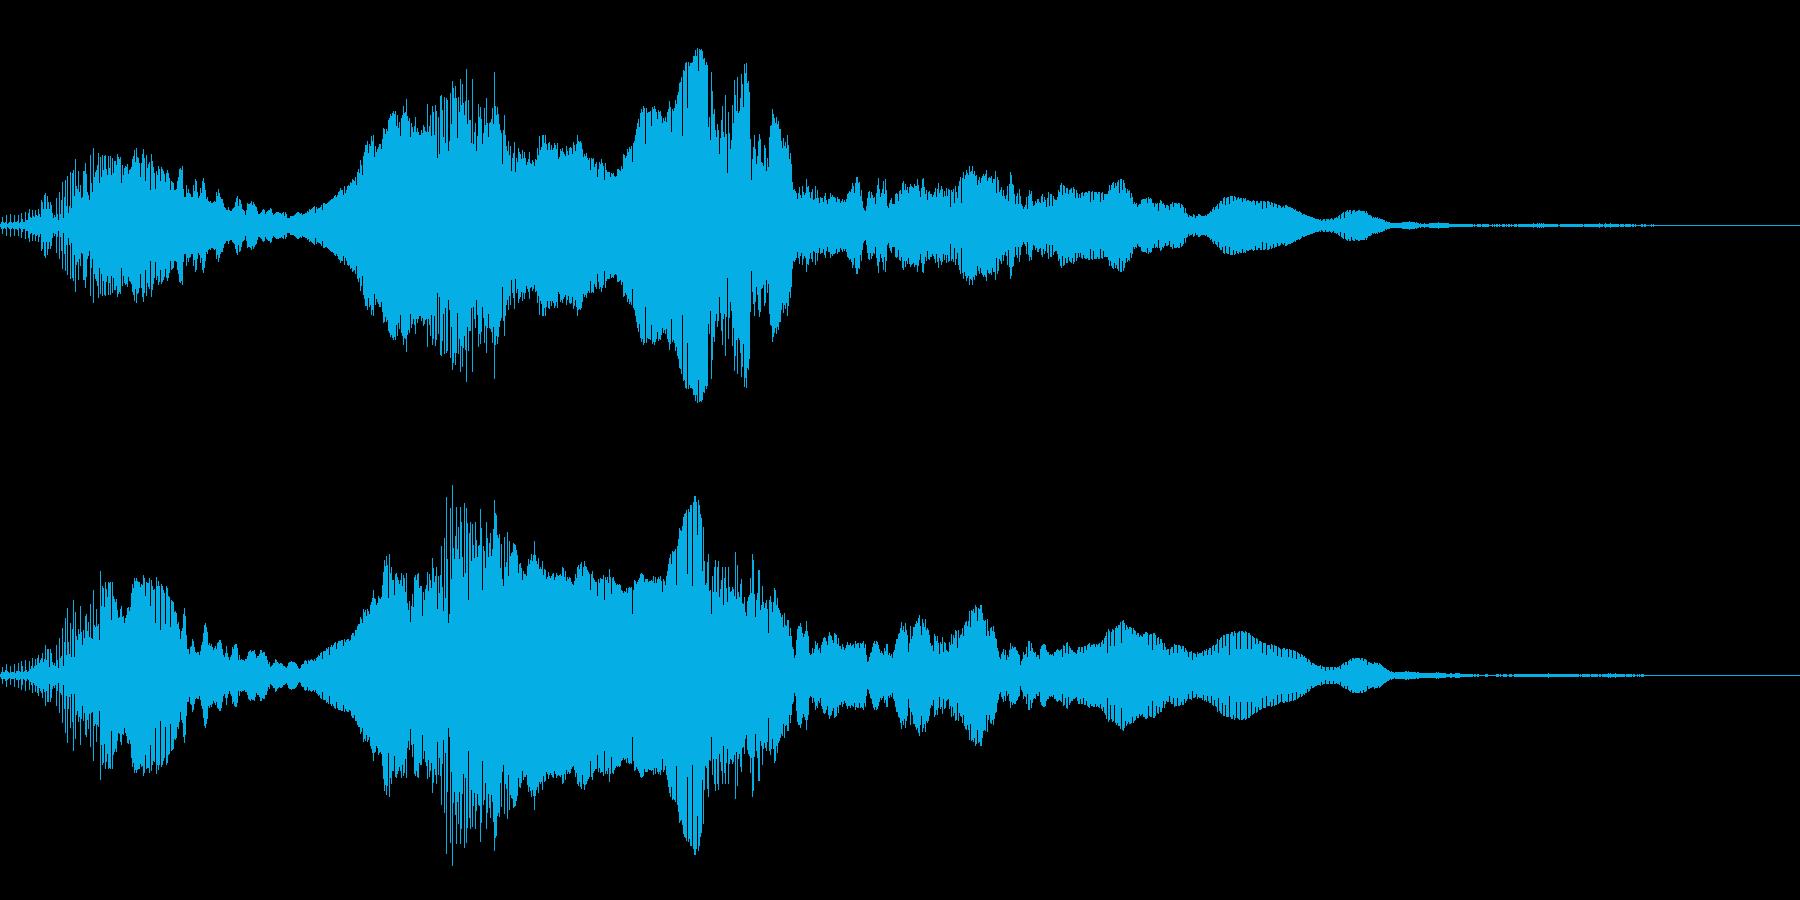 犬の鳴き声(キャイーン)の再生済みの波形